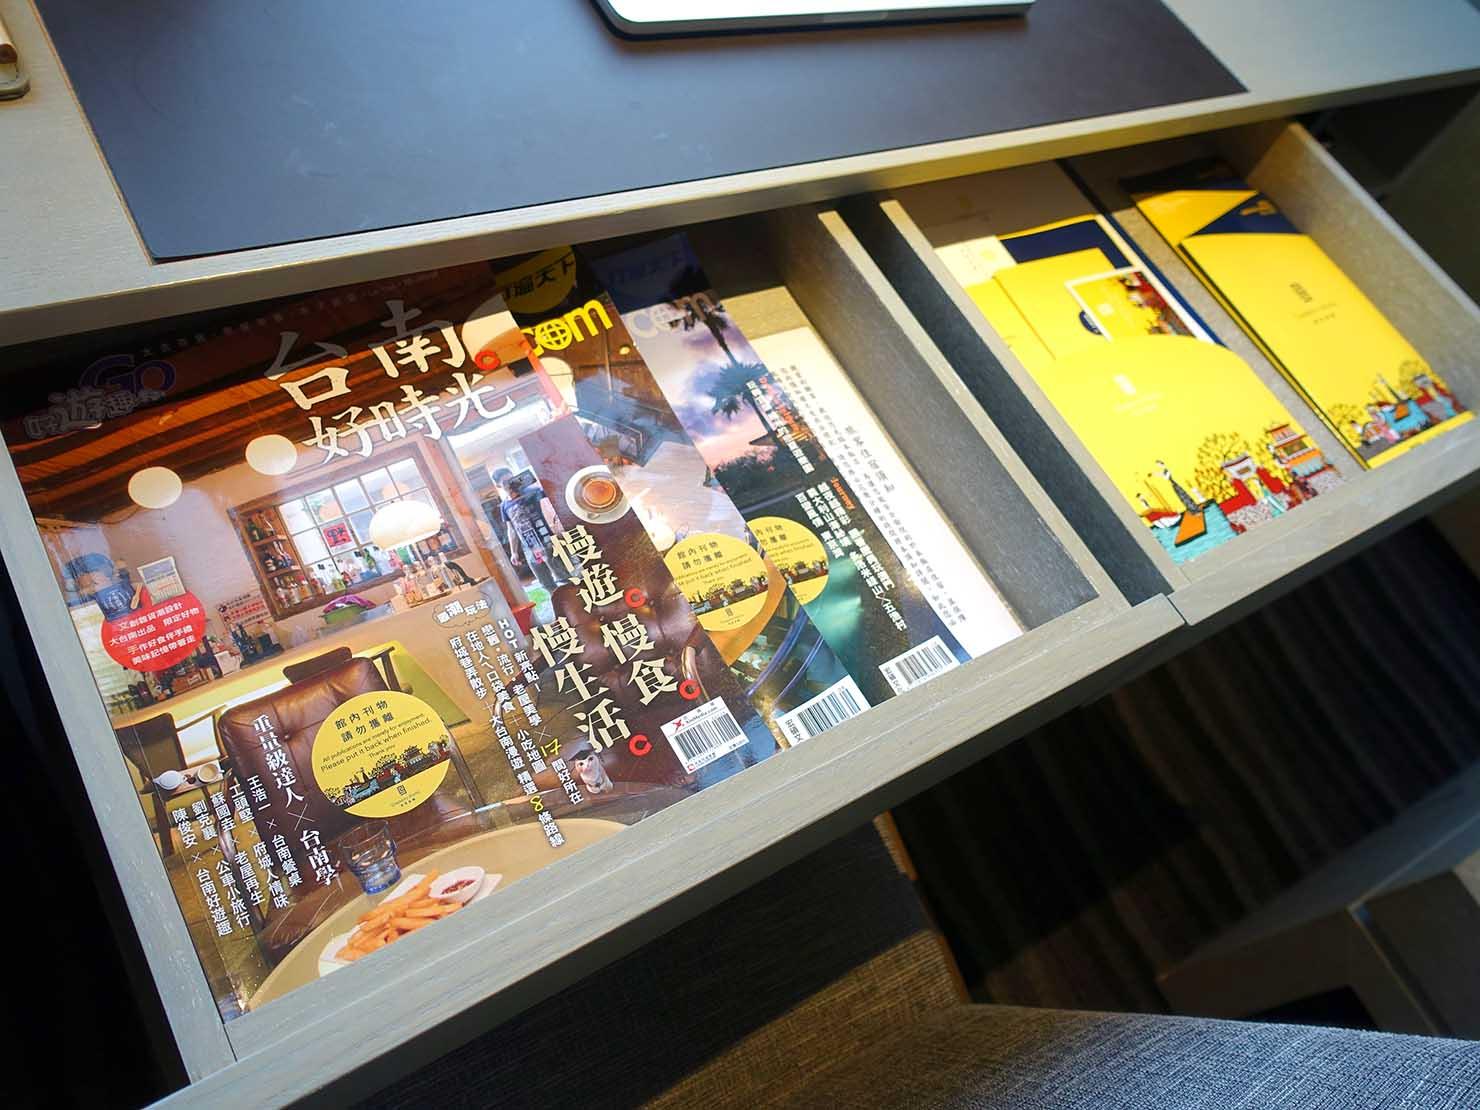 台南市内観光におすすめのホテル「長悅旅棧」長悅經典客房(クラシカルルーム)のテーブル引き出しに置かれた雑誌類